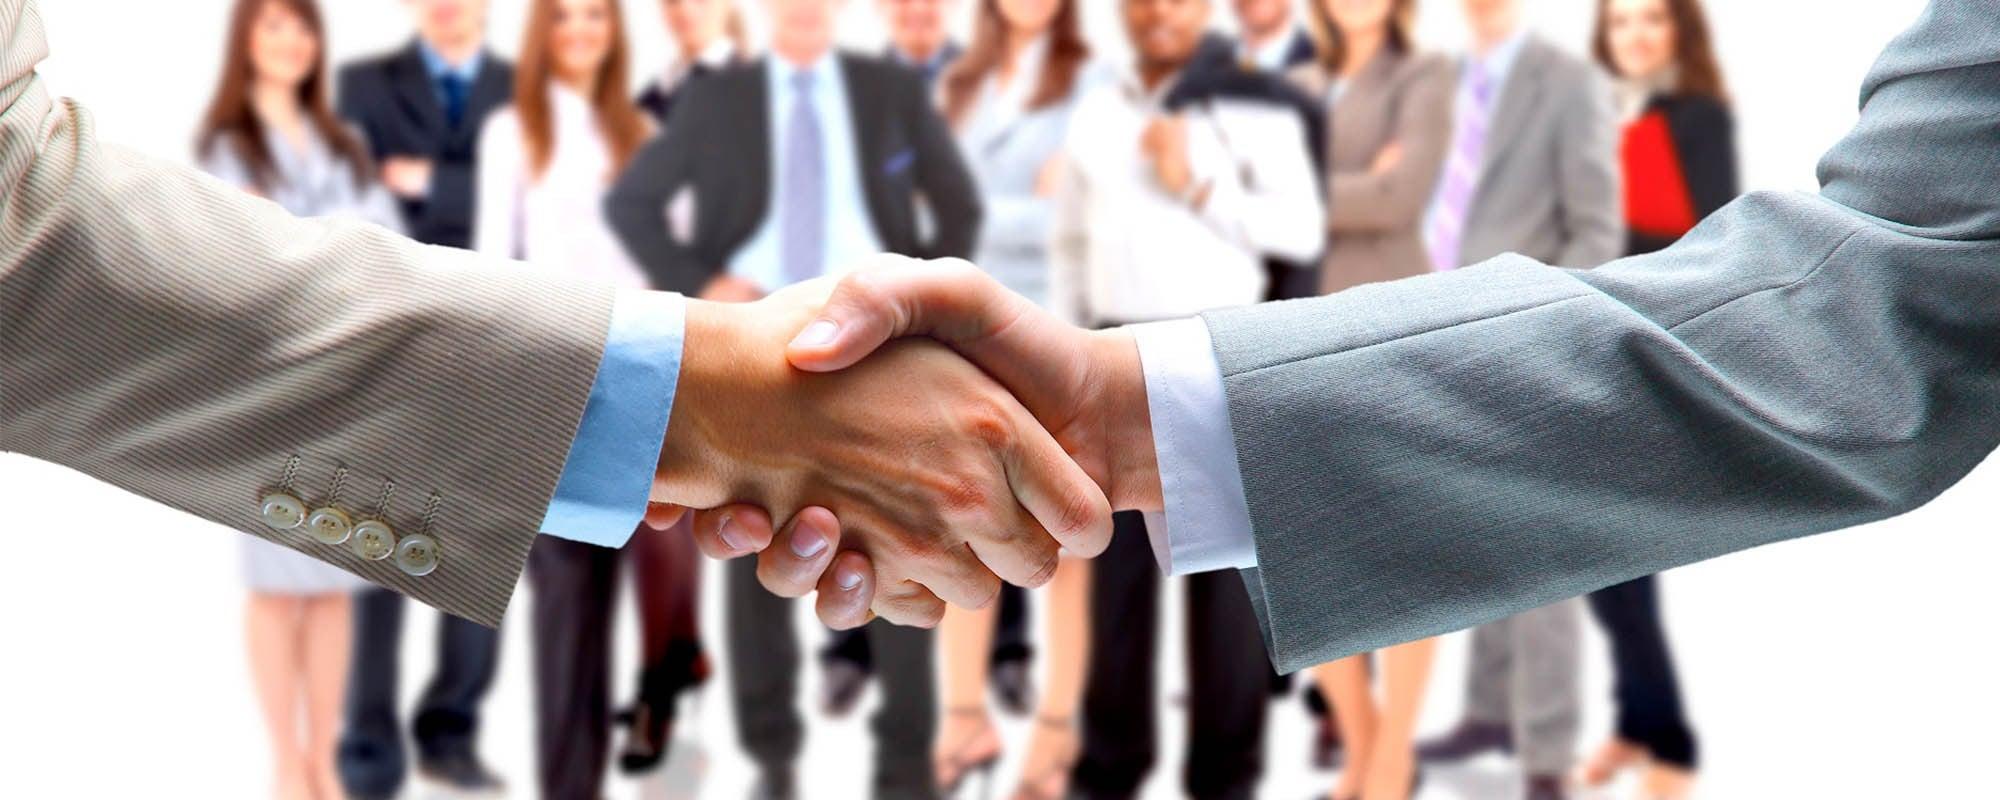 7f81b2ac71 Serdecznie zapraszamy przedsiębiorców i osoby zainteresowane podjęciem  współpracy biznesowej z partnerami litewskimi na wyjazd studyjny na Litwę w  dniach ...